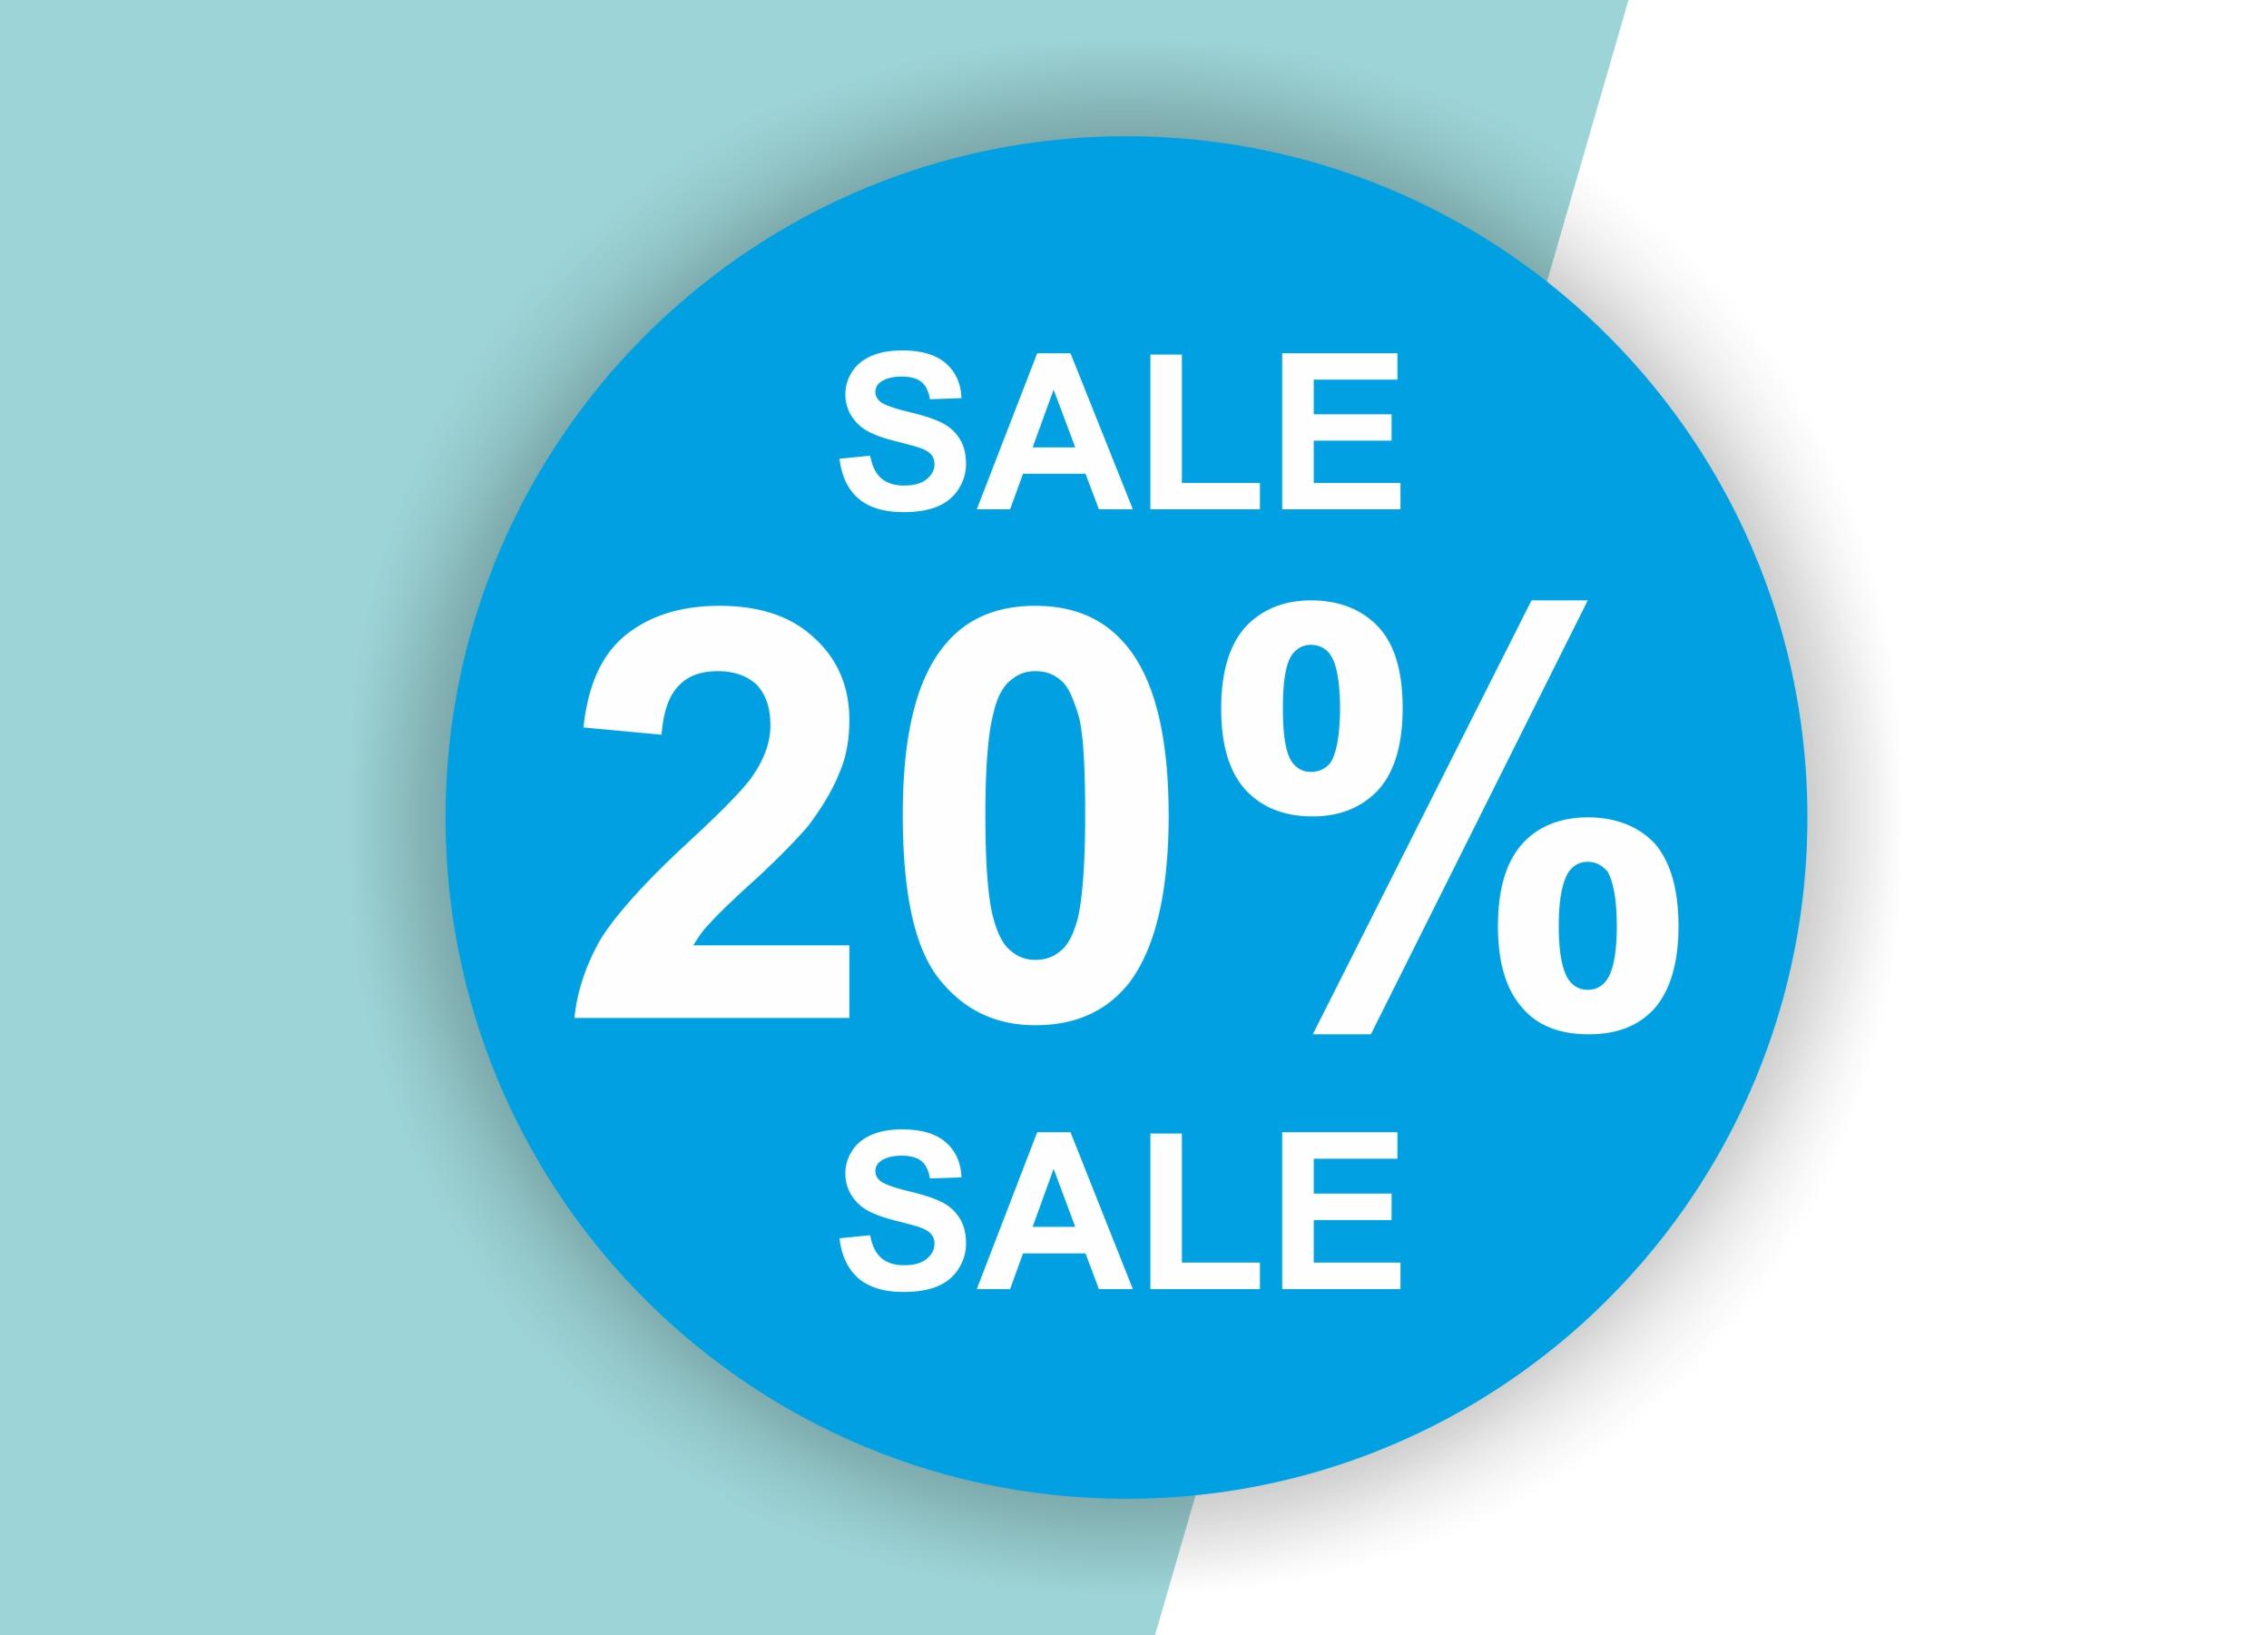 20% SALE Aufkleber Schaufenster Rabatt Ausverkauf Schlussverkauf SSV WSV % — Farbe: Blau-Weiß